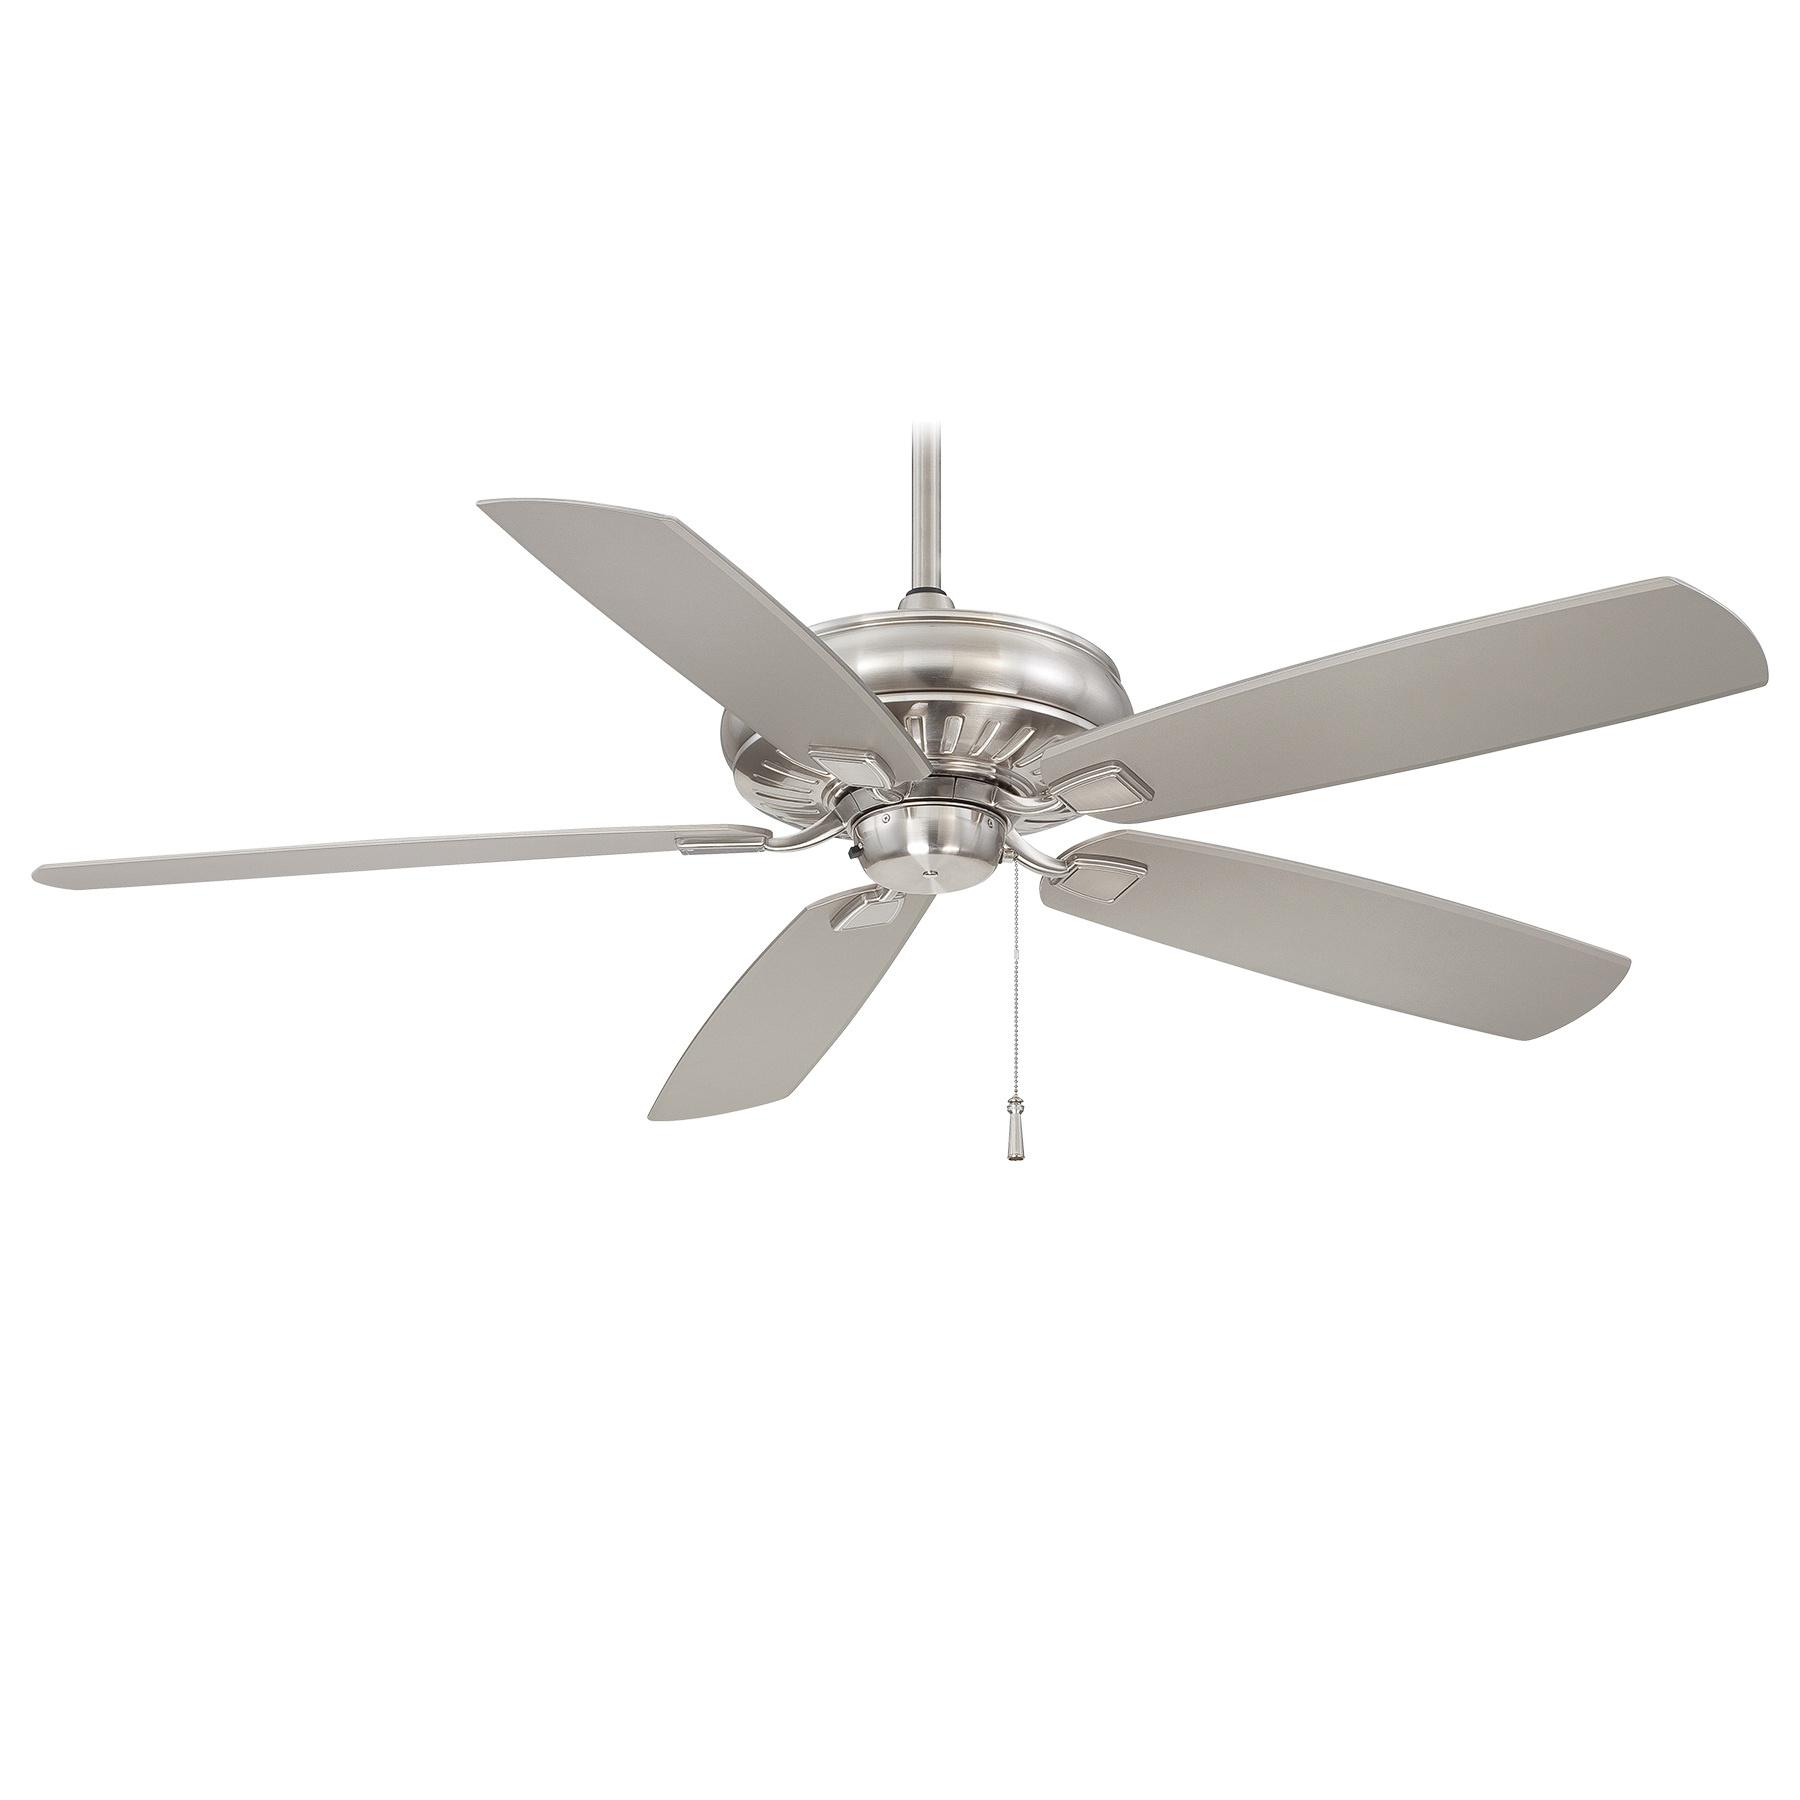 Minka aire f532 bnw ceiling fan 60 inch 5 blade 3 speed brushed minka aire f532 bnw ceiling fan 60 inch 5 blade 3 speed aloadofball Gallery